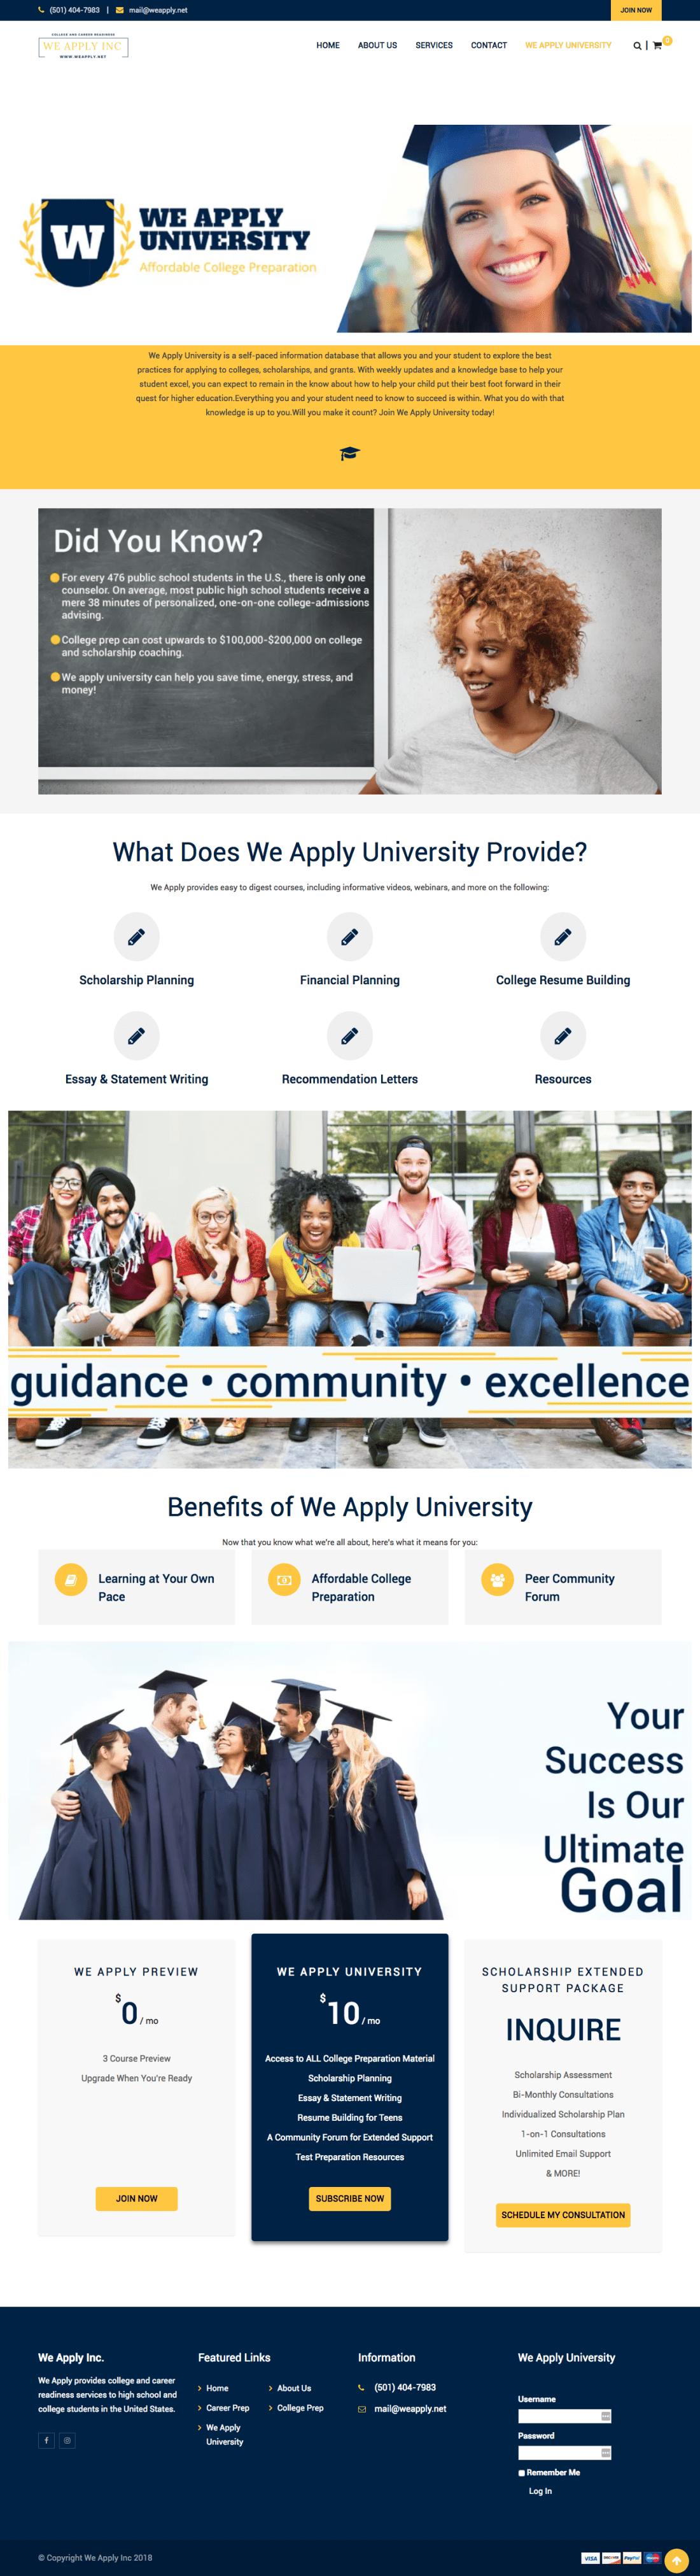 We Apply University website design by Addie Fisher - Best Website designs